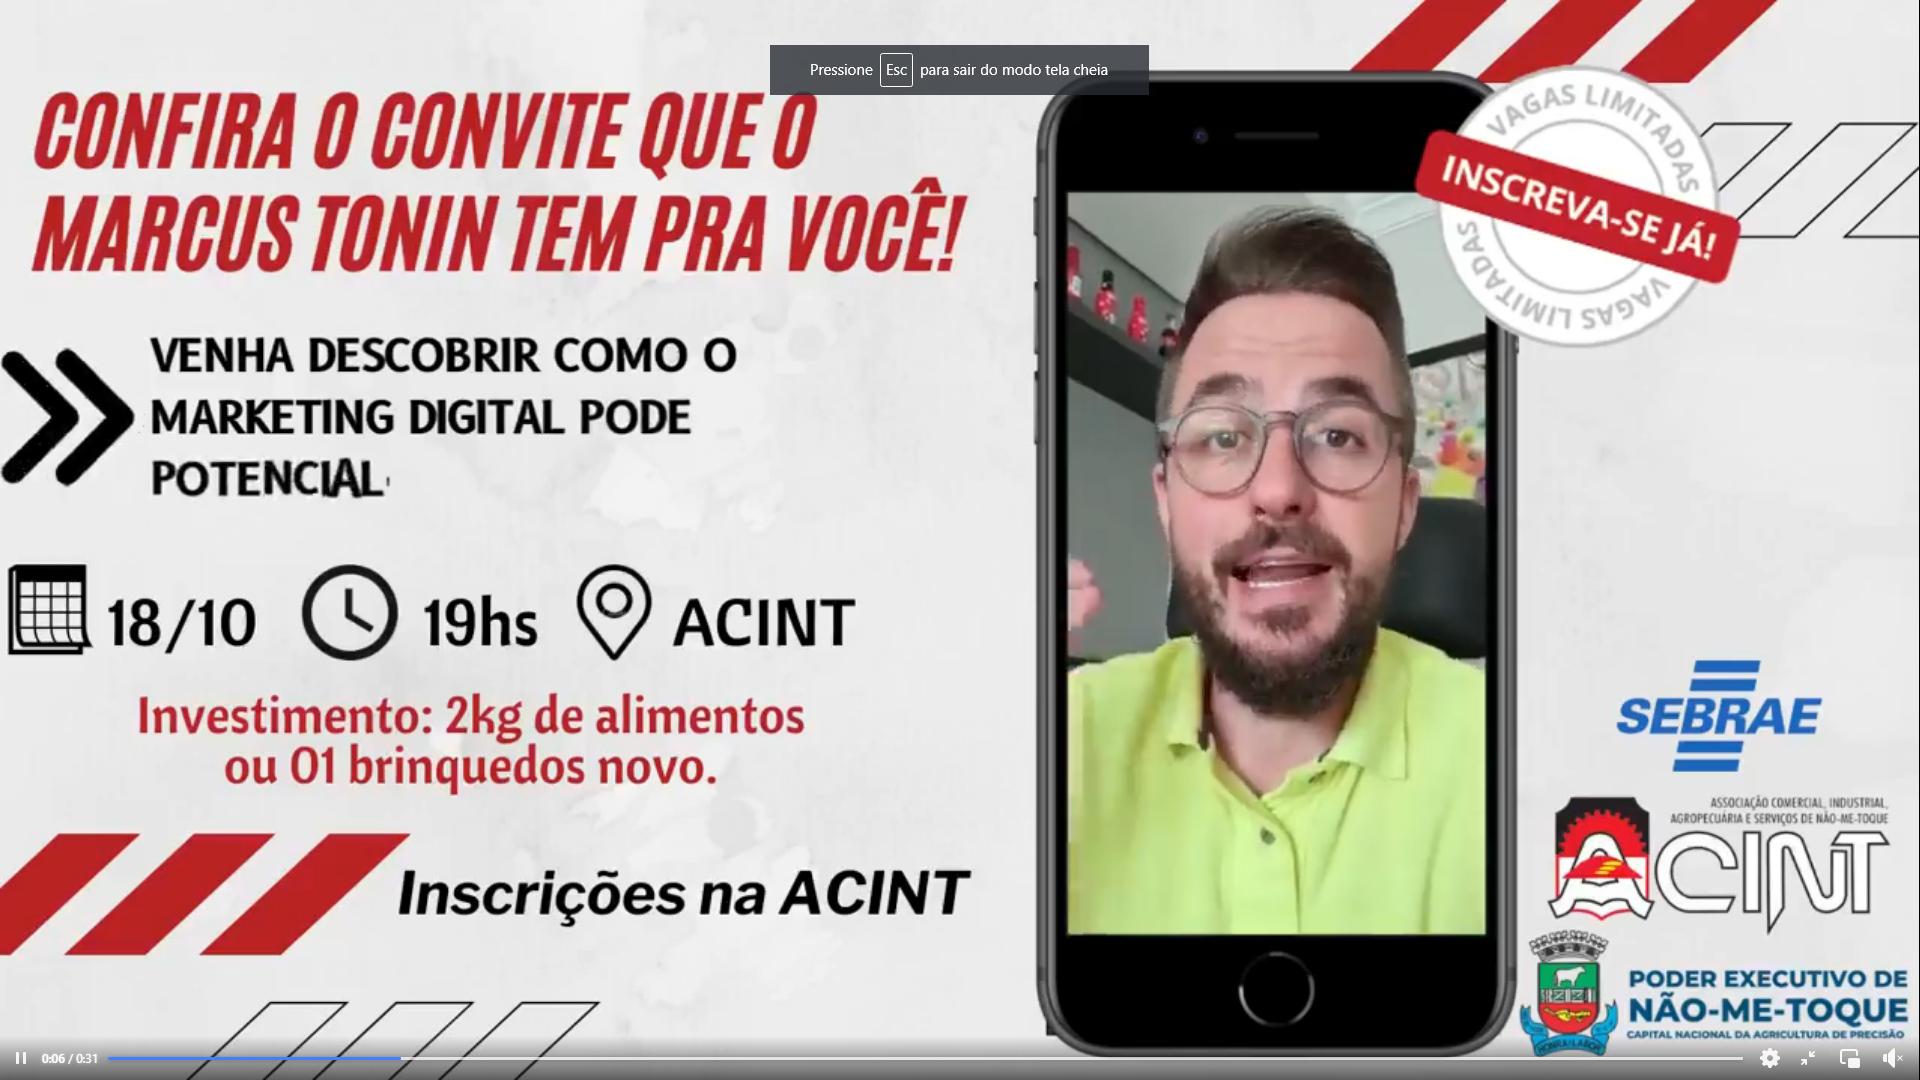 Acint traz Marketeiro Confesso Marcus Tonin para falar com empreendedores